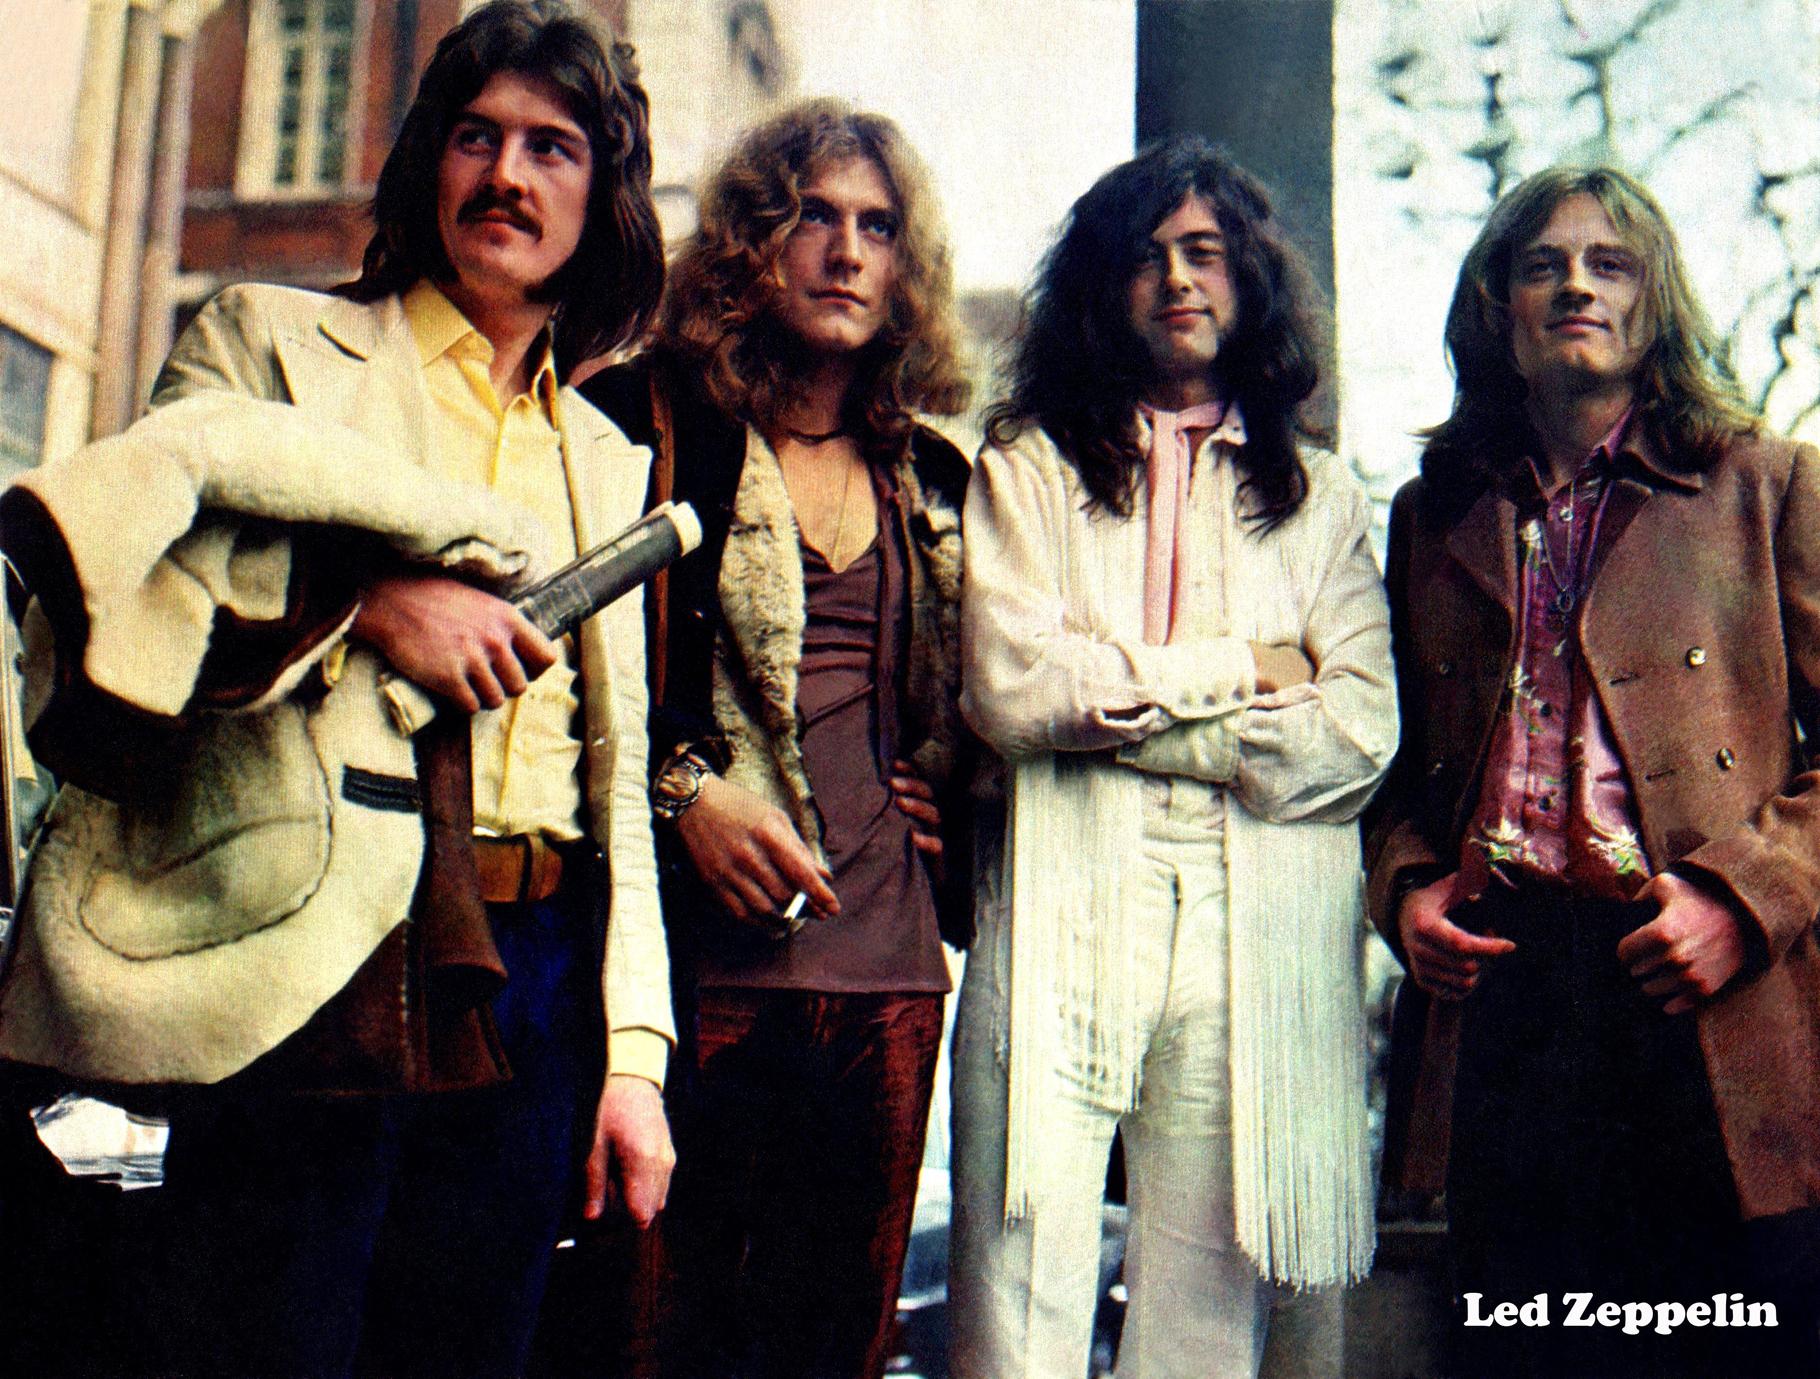 Led_Zeppelin_1970s_photo_1